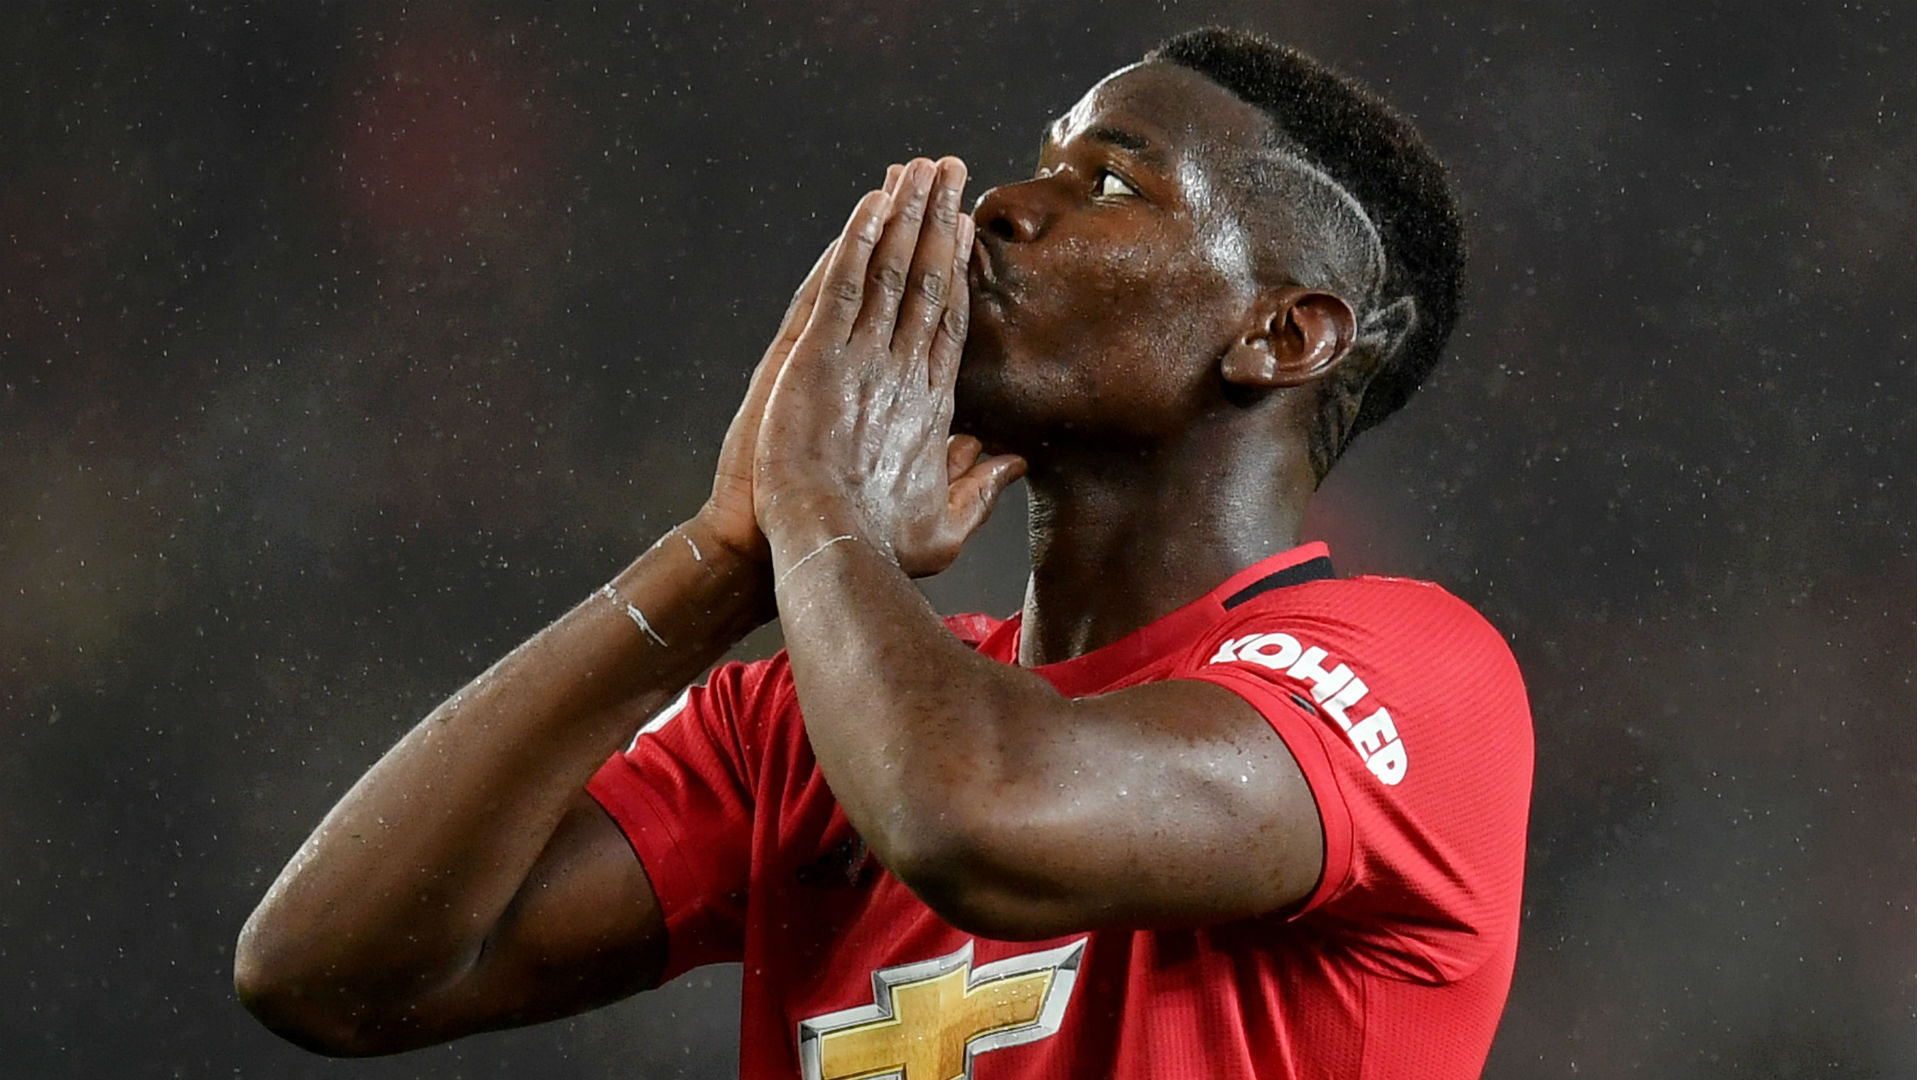 Pogba not ready for Man Utd return against Tottenham, says Solskjaer